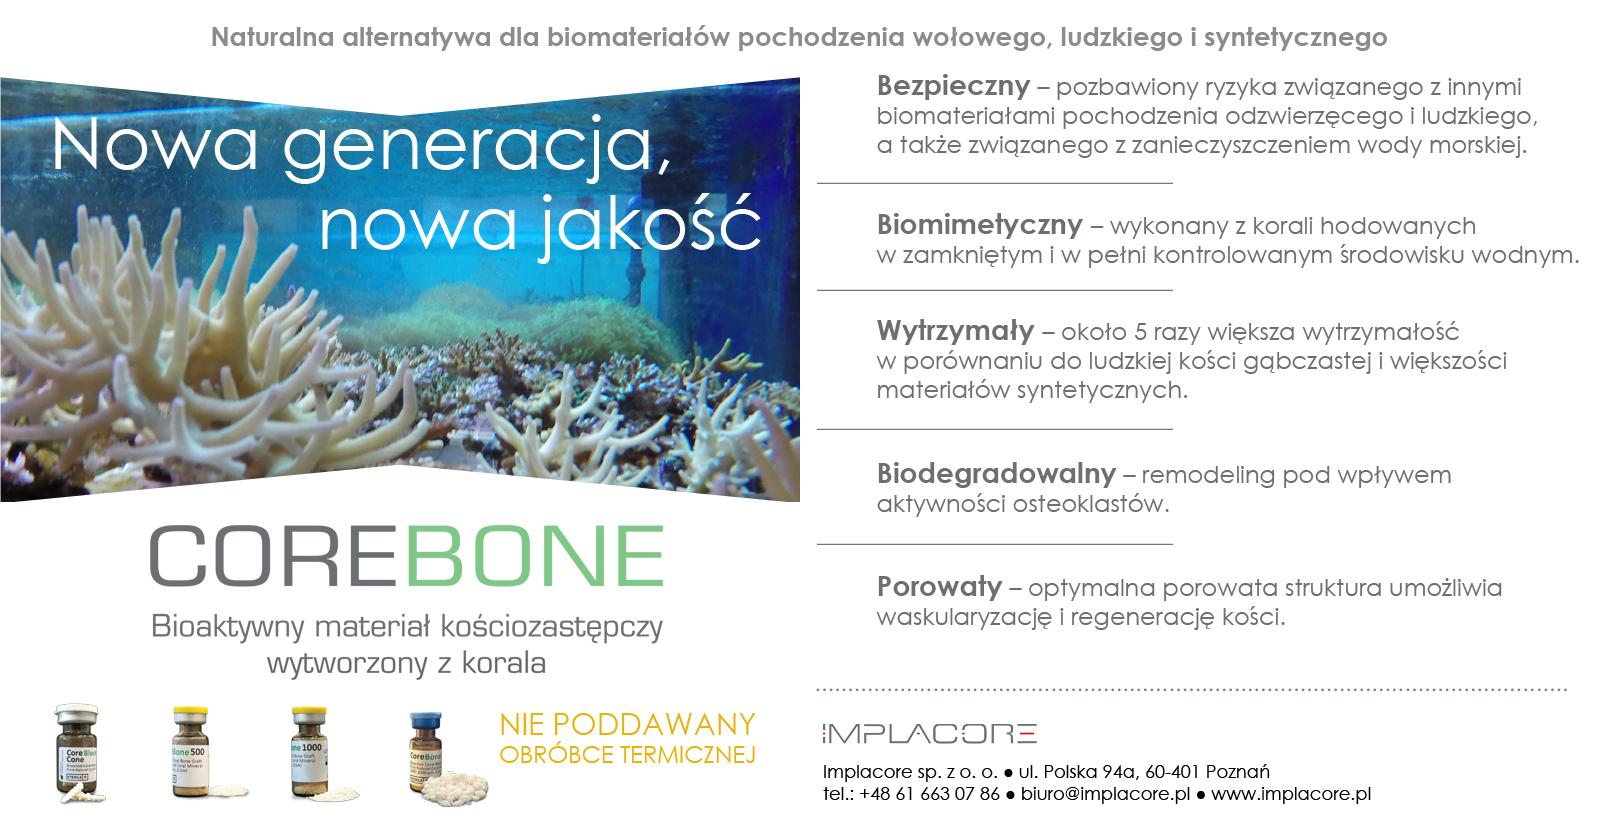 corebone_news_01